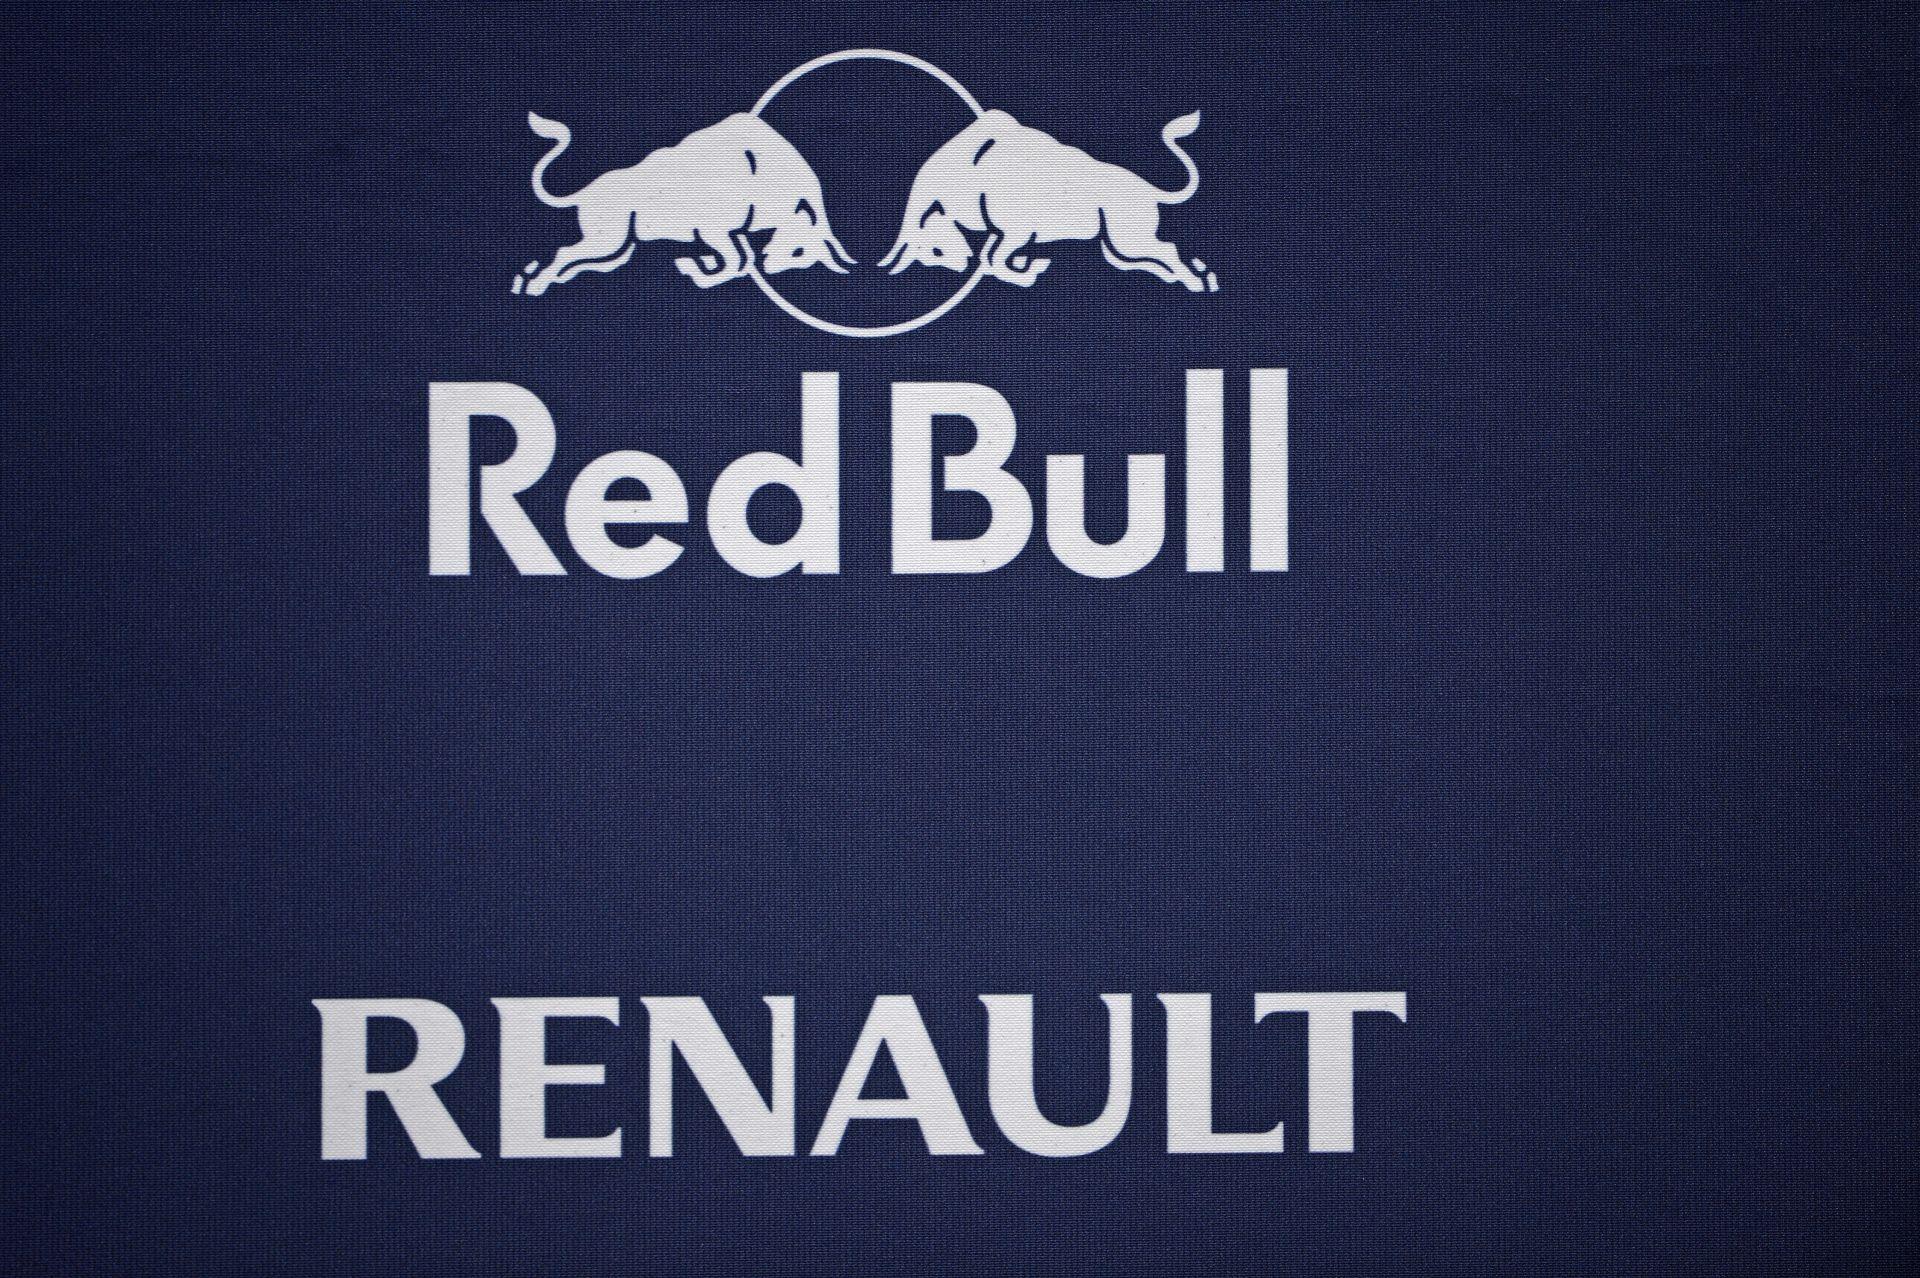 Hihetetlen fordulat a Forma-1-ben! A Red Bull Honda motorokra válthat 2016-tól, míg a Toro Rosso...